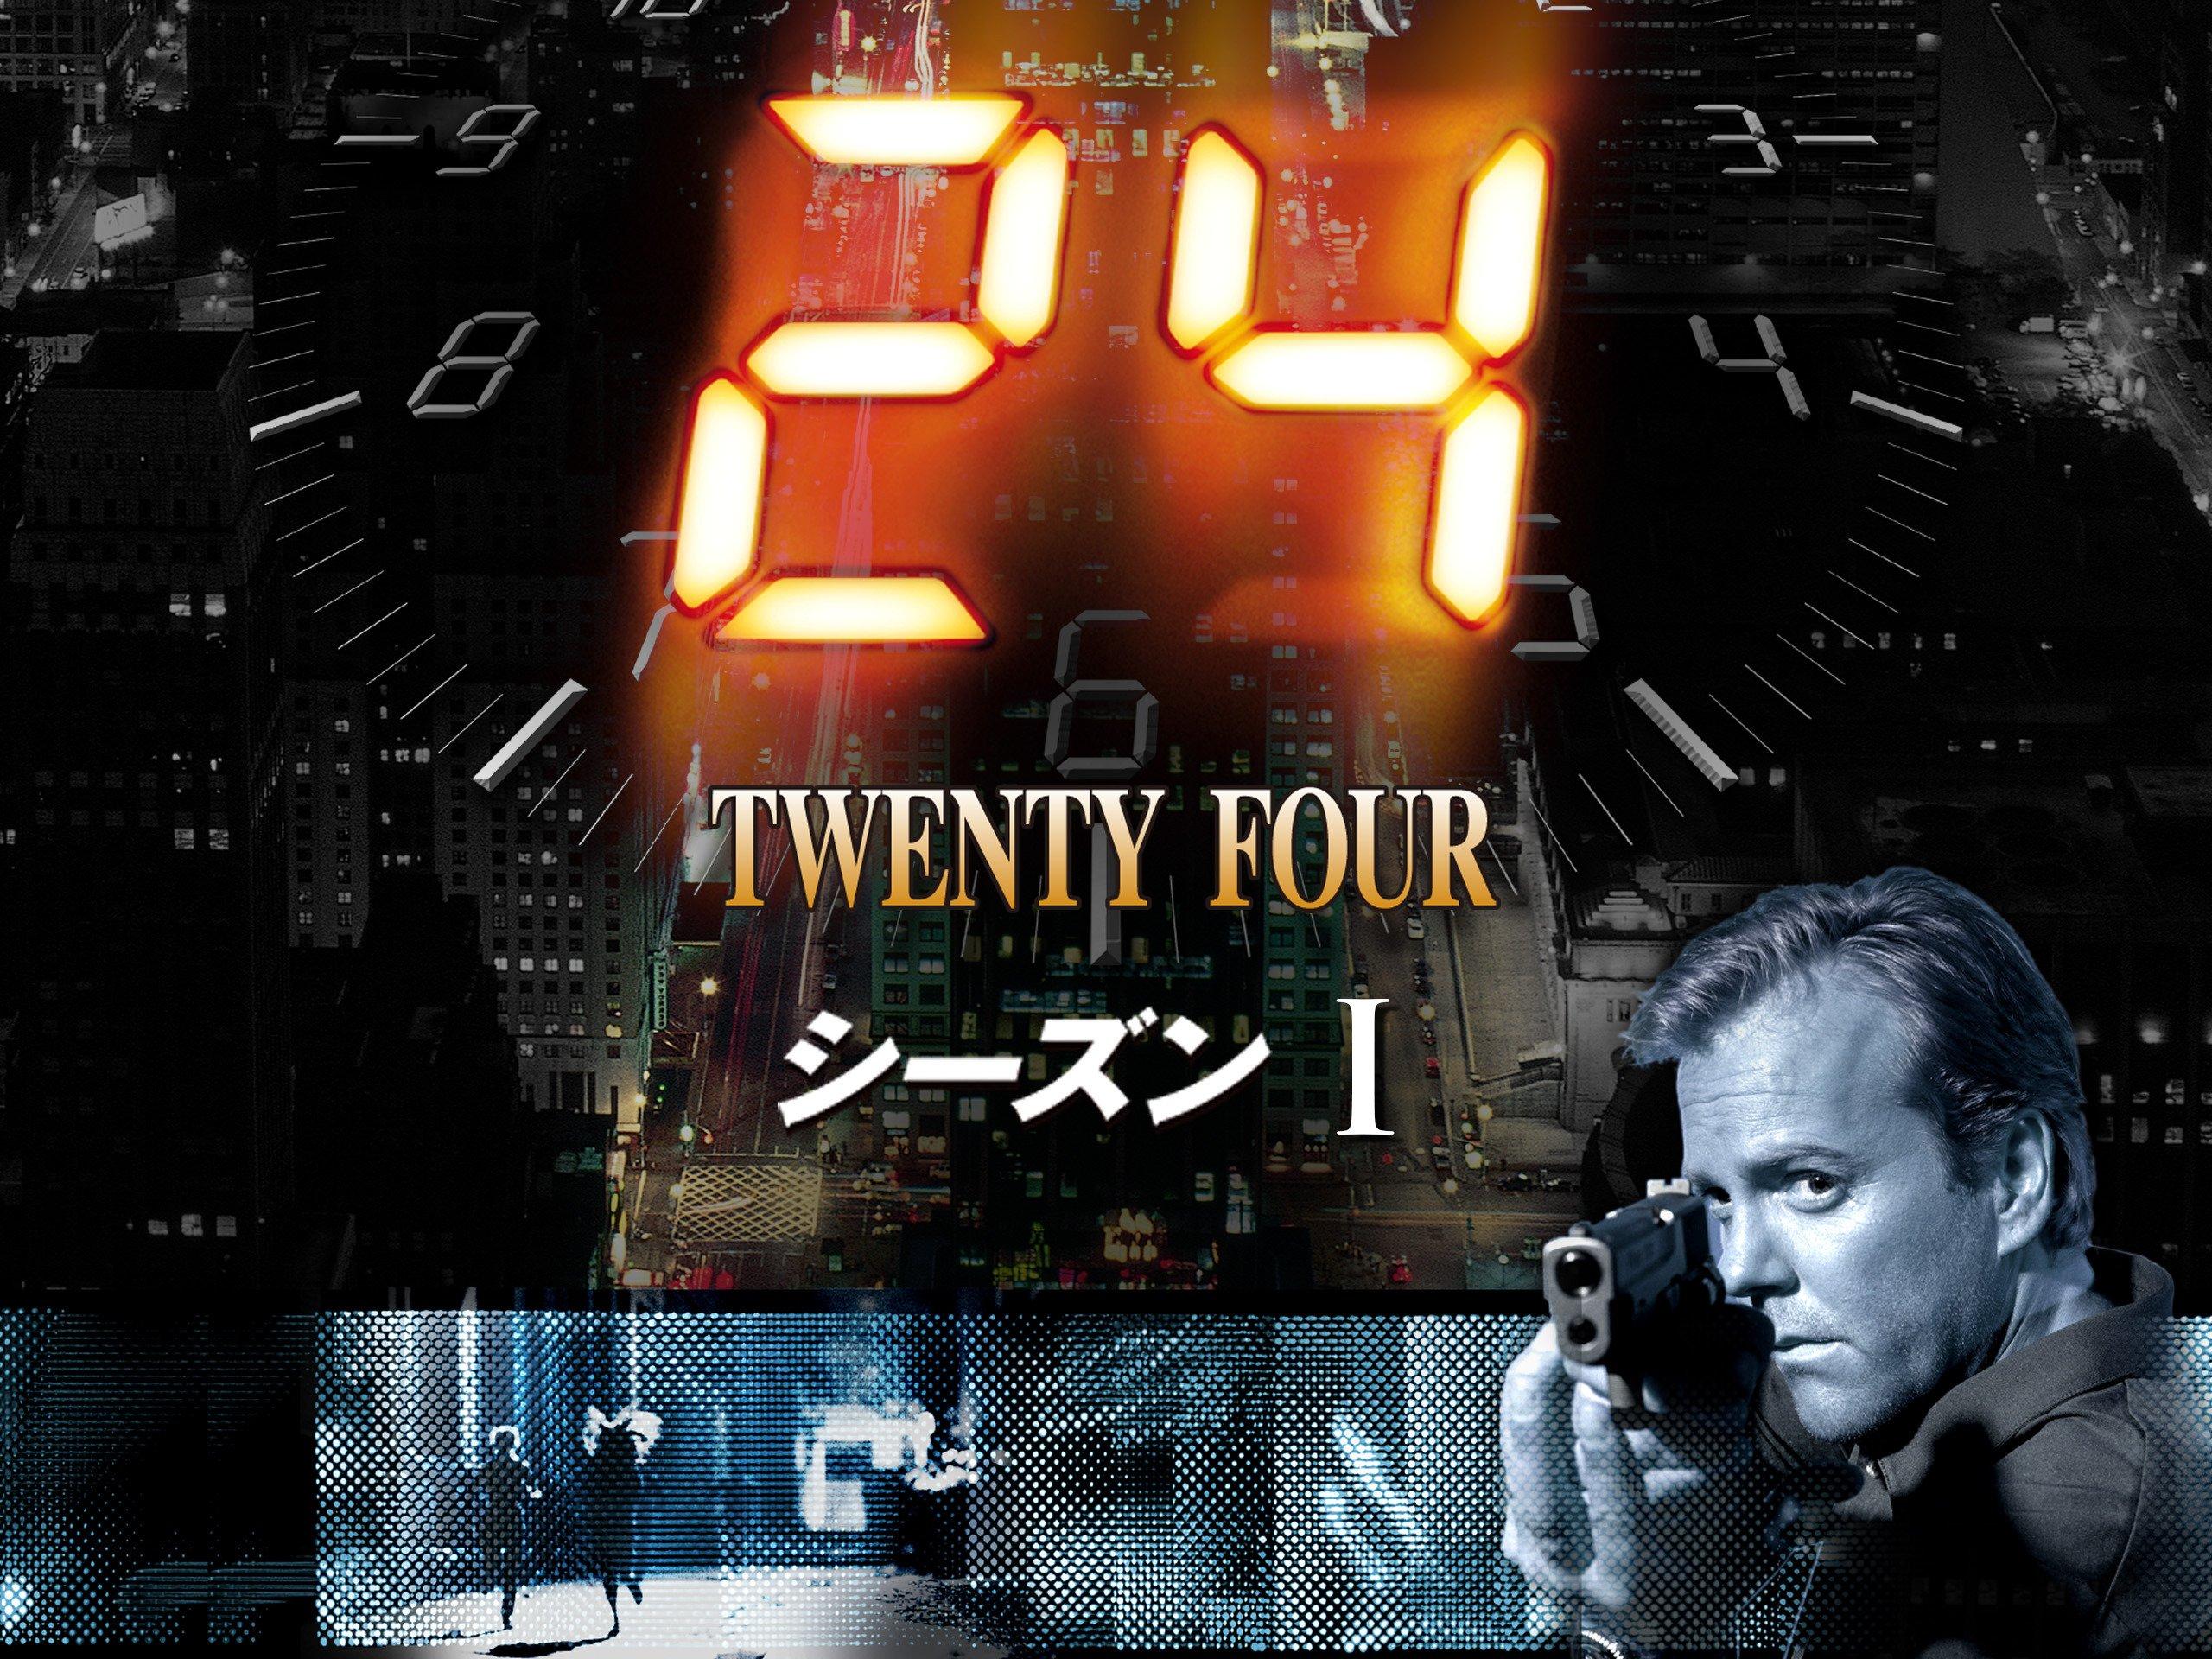 【24 JAPAN】あらすじネタバレと視聴率!最終回結末は原作海外ドラマと異なる?